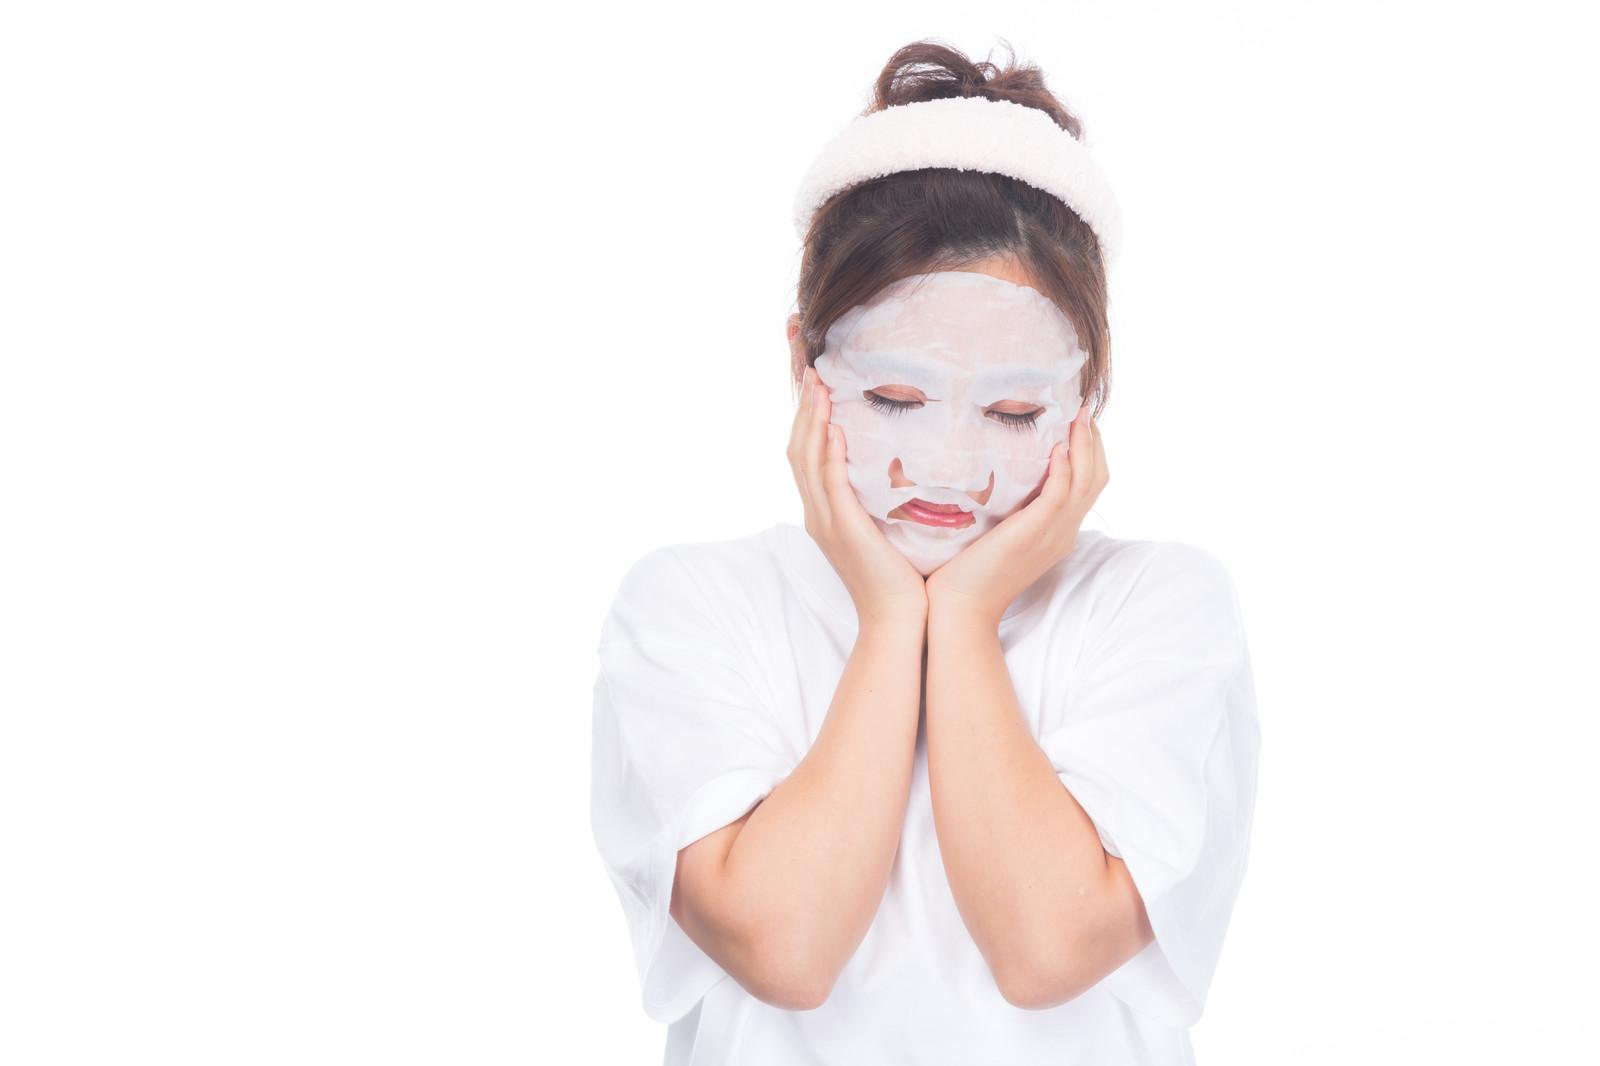 【健康 美肌】乾燥肌を完治させるためにはスキンケアは逆効果だった話